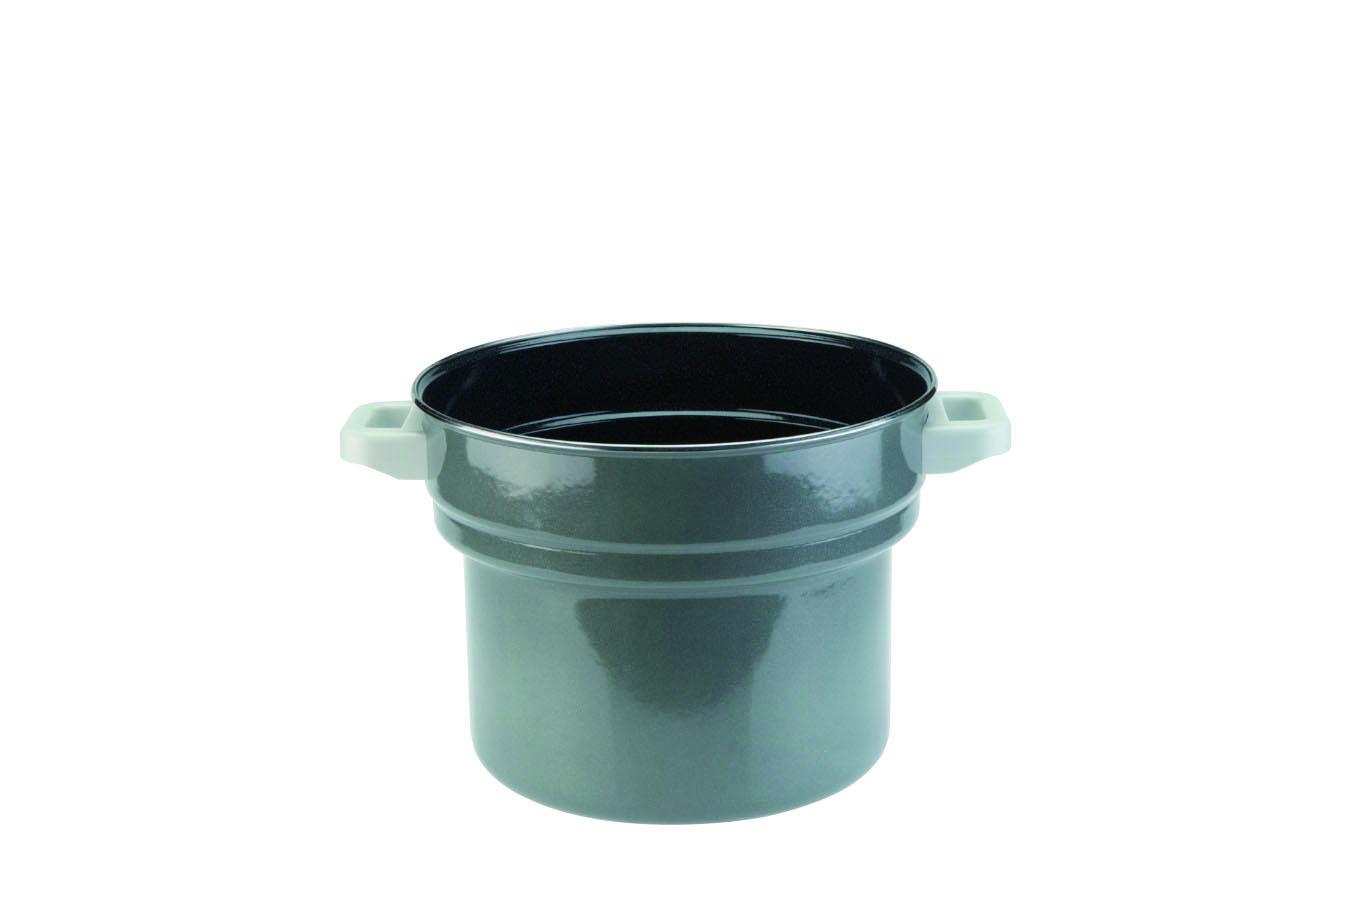 SKK profesionální hrnec na svařené víno či polévku vložka pro přípravu polévek